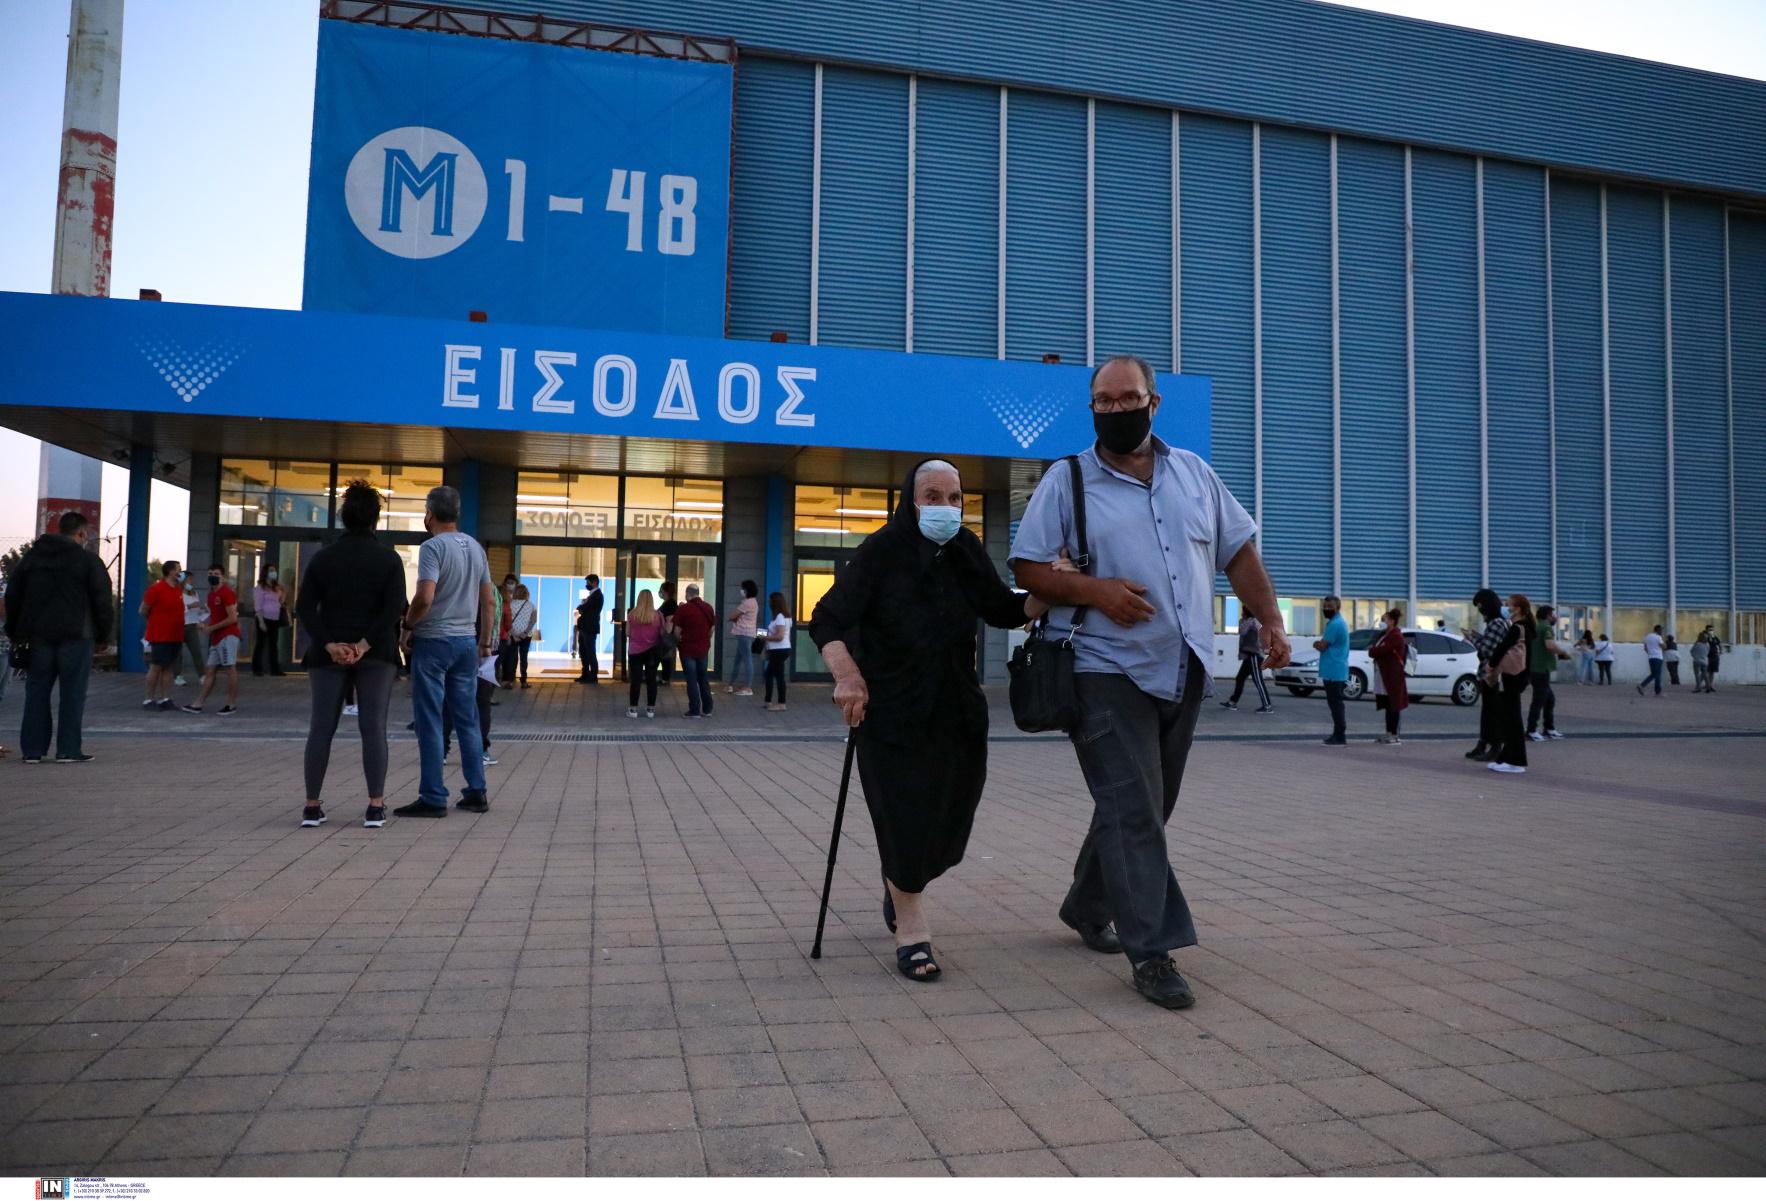 Κορονοϊός – Θεσσαλονίκη: Αντισώματα φουλ για τους 85 συν μετά τη 2η δόση Pfizer